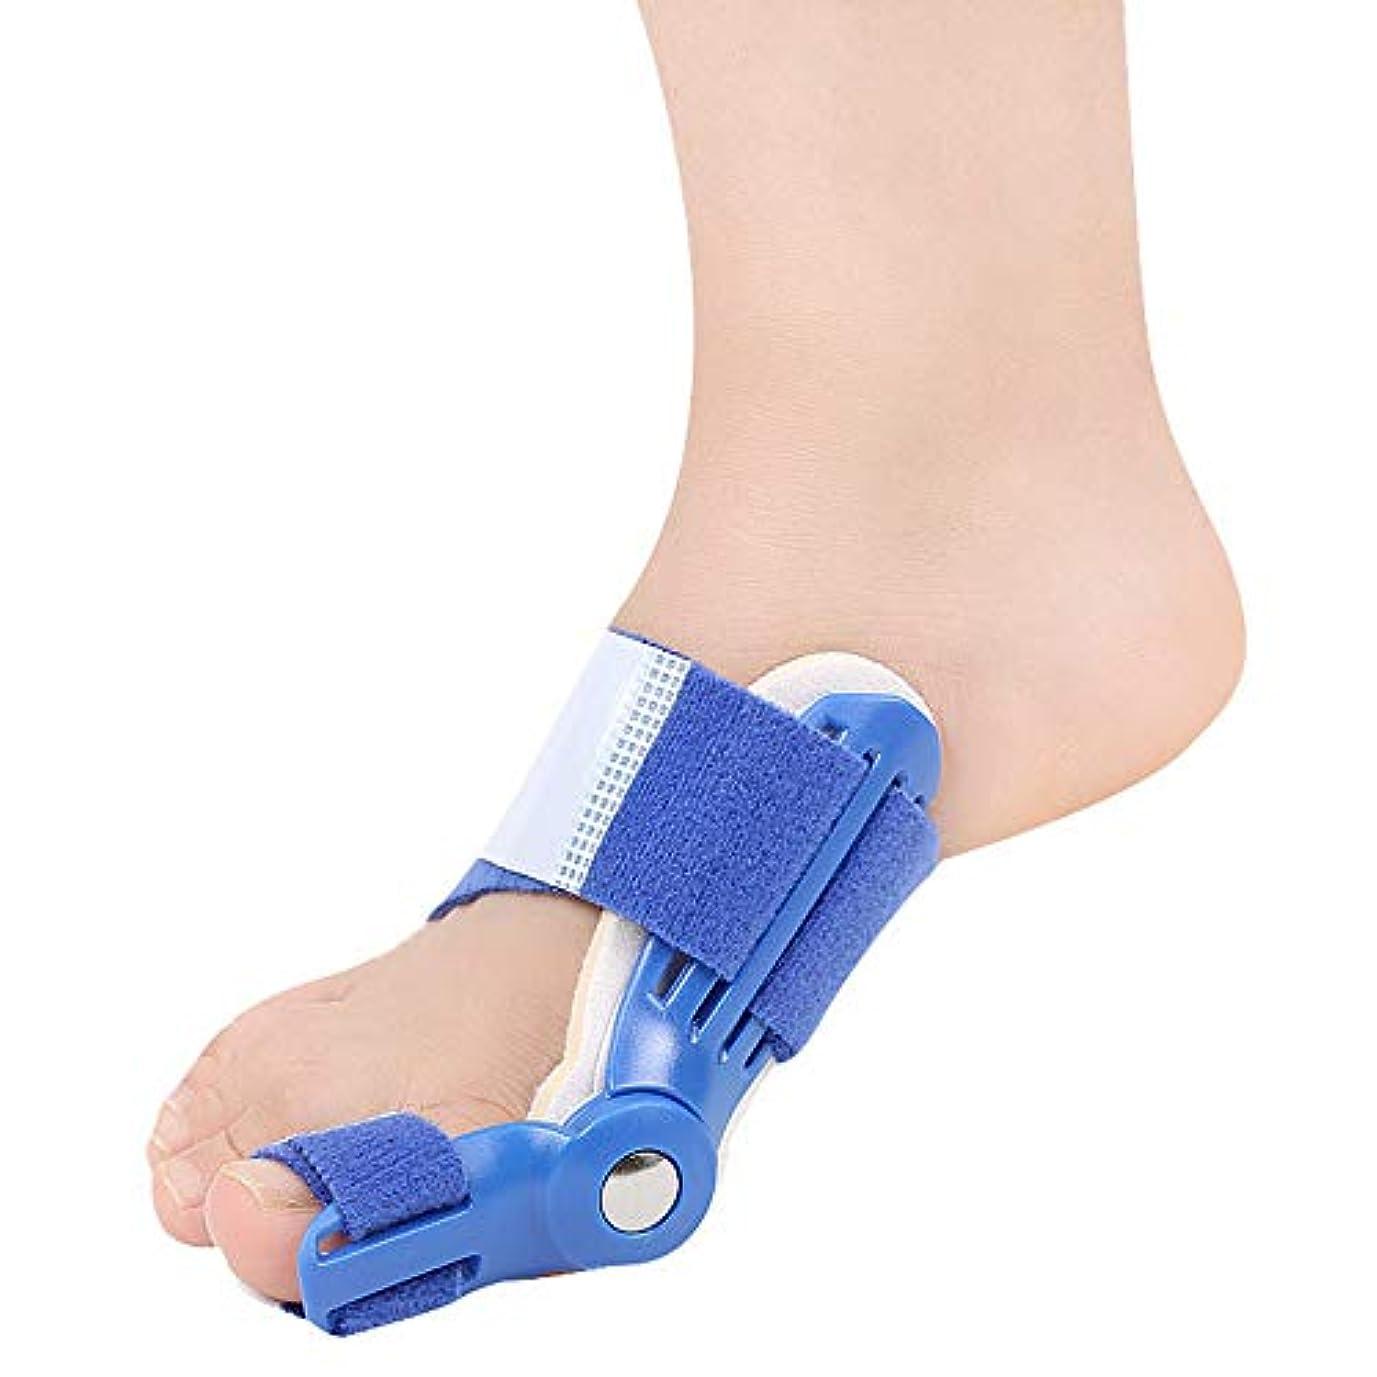 みぞれ石化するマルコポーロつま先セパレーターは、ヨガのエクササイズ後のつま先重なりの腱板ユニバーサル左右ワンサイズ予防の痛みと変形を防ぎます,ブルー